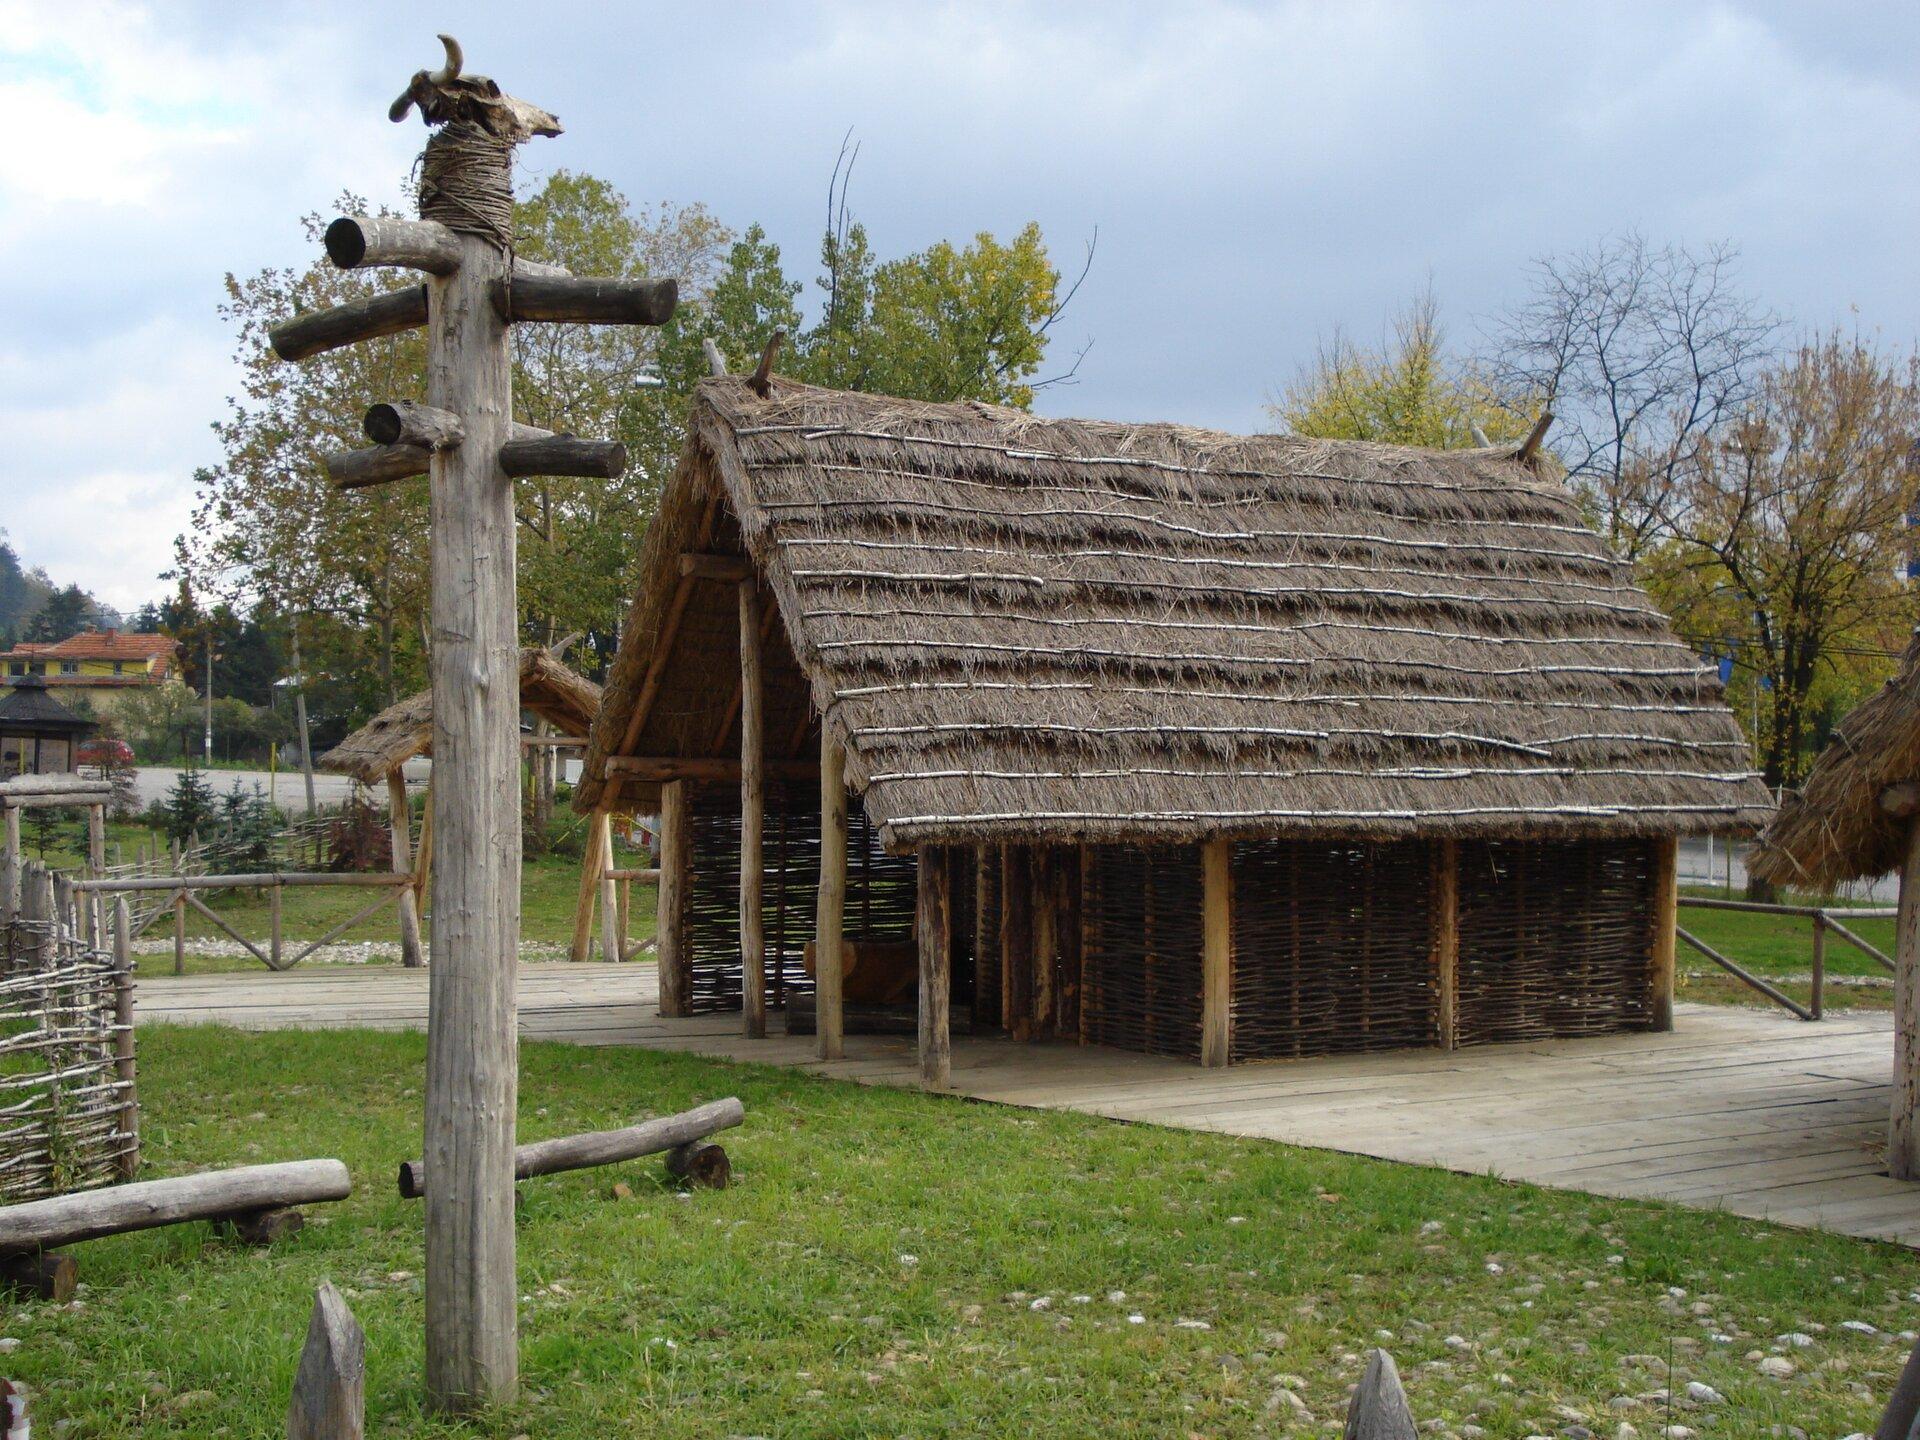 Rekonstrukcja pierwszych domostw neolitycznych, Tuzla, Bośnia iHercegowina Rekonstrukcja pierwszych domostw neolitycznych, Tuzla, Bośnia iHercegowina Źródło: Prof saxx, Wikimedia Commons, licencja: CC BY-SA 3.0.